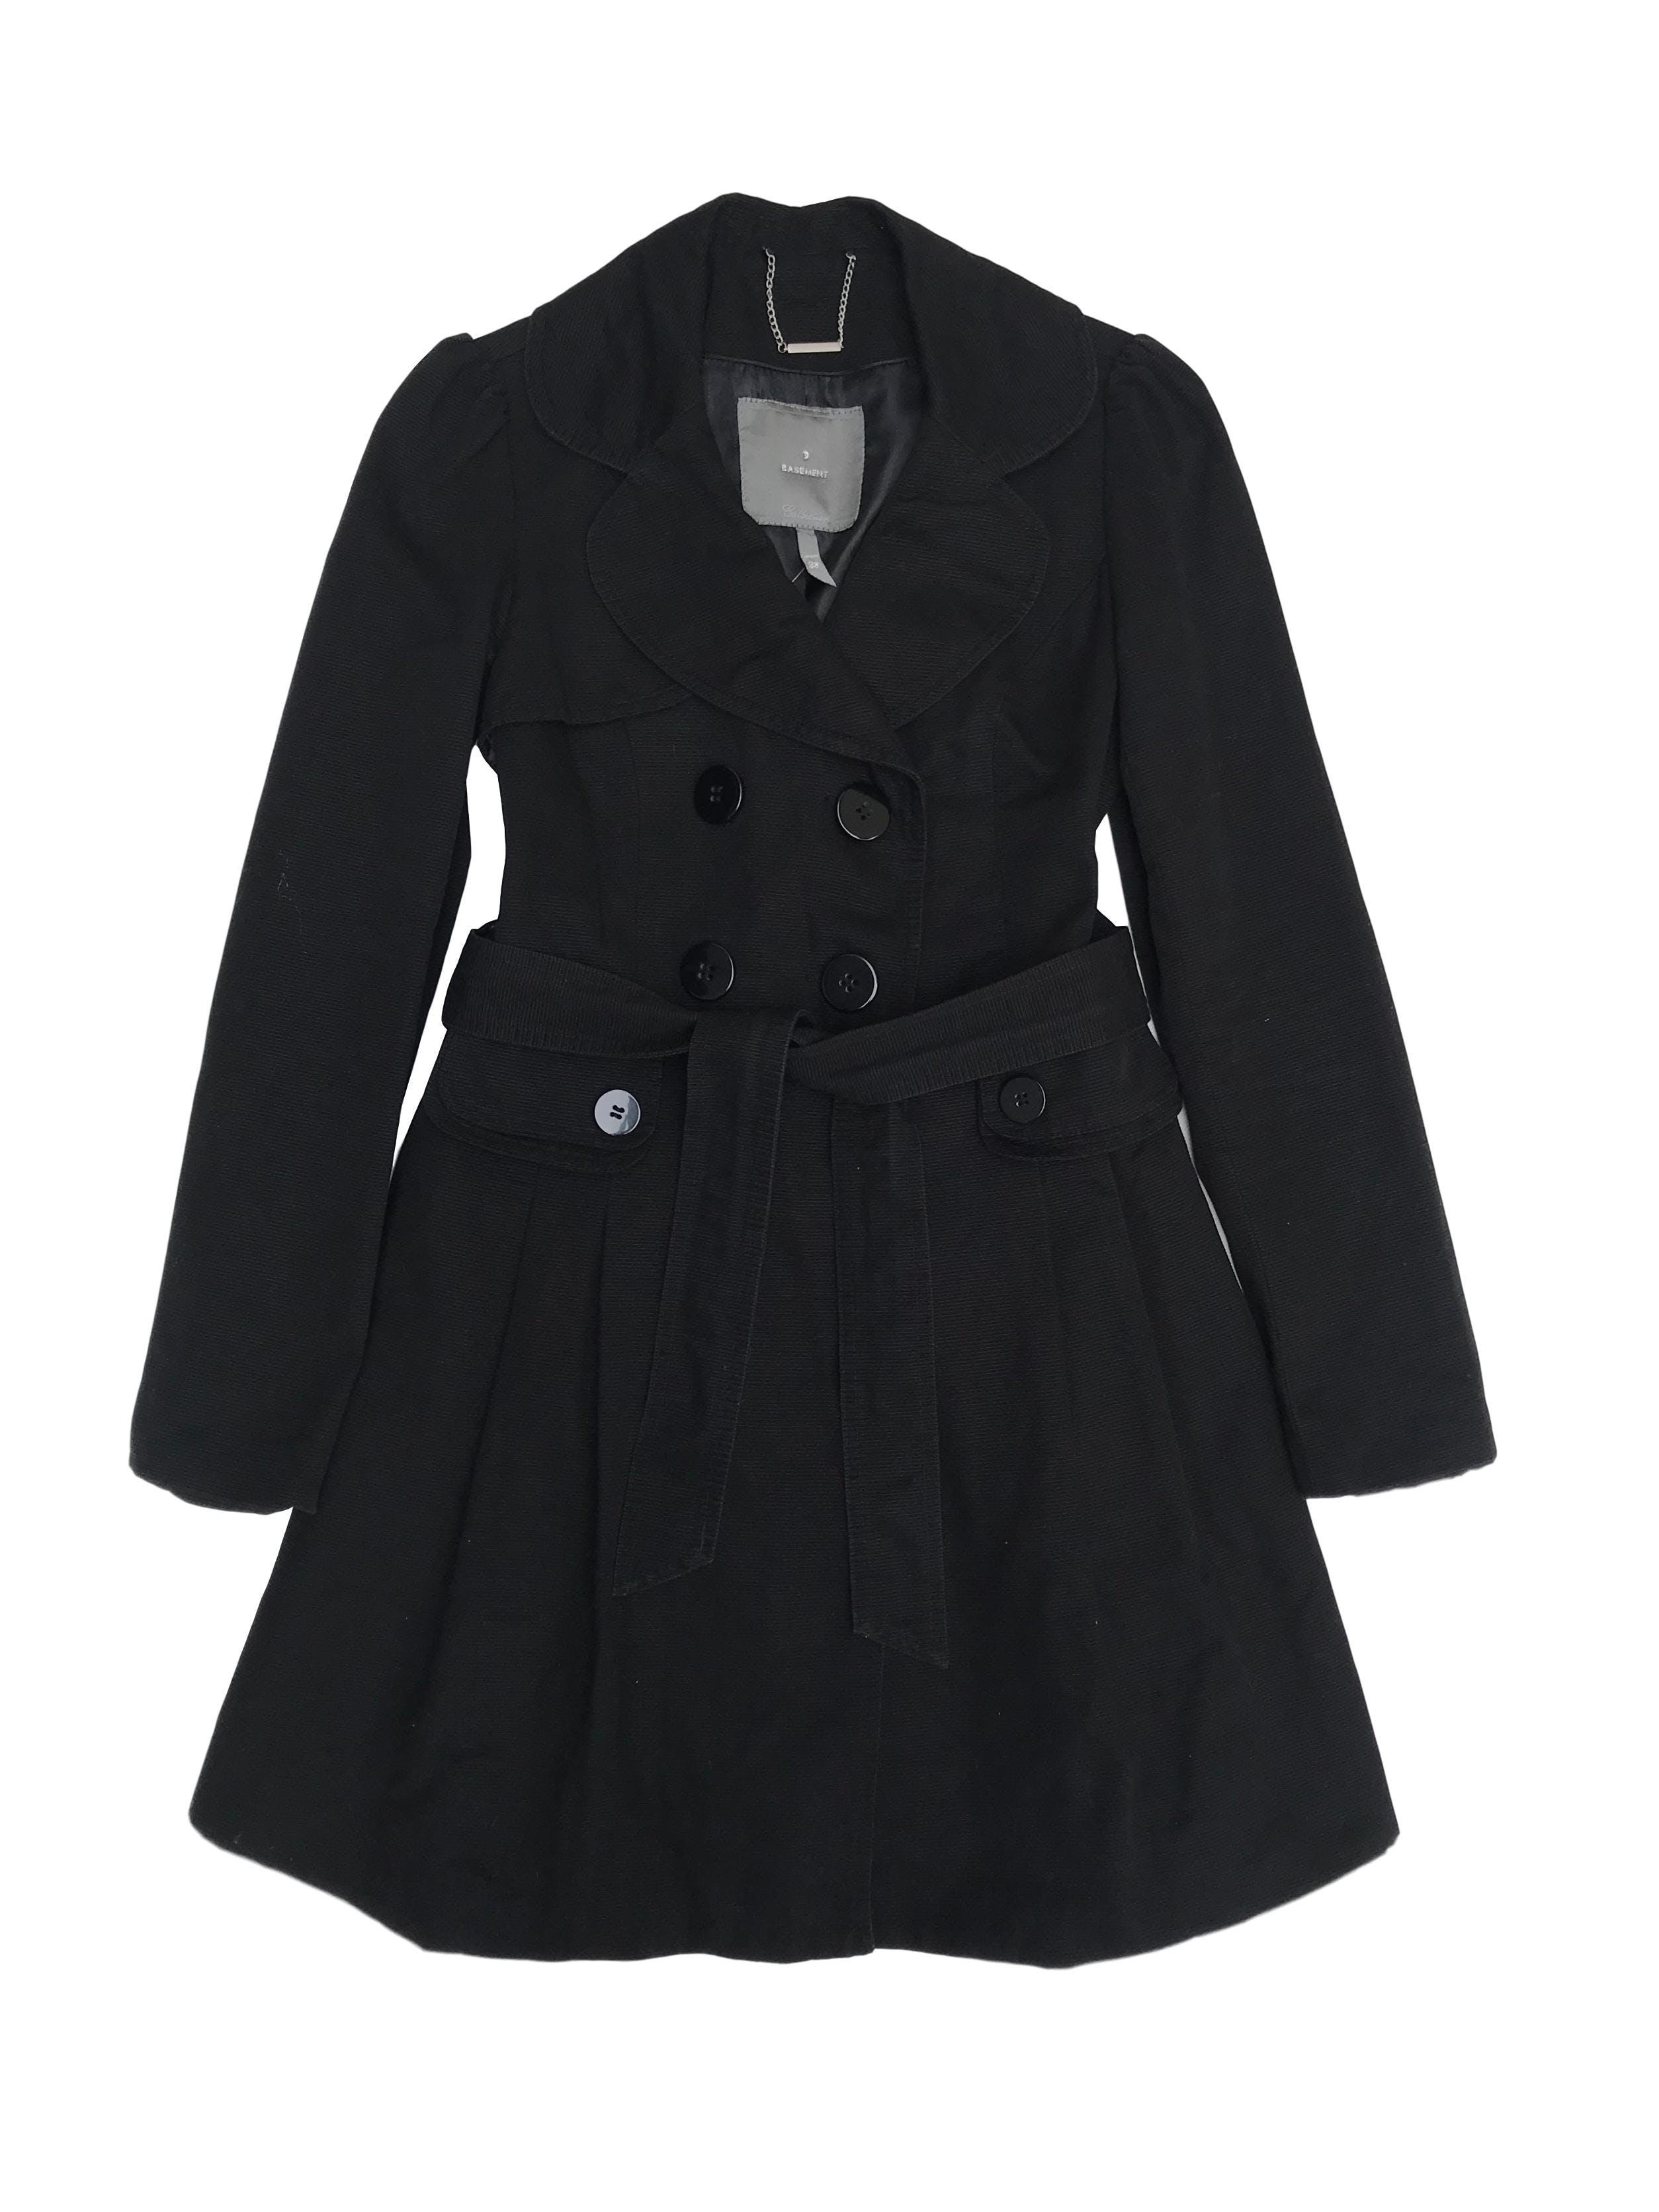 Trench negro Basement de tela tipo drill con textura, 100% algodón, forrado, con cinto y corte a la cintura. Largo 85cm. Precio original S/ 290